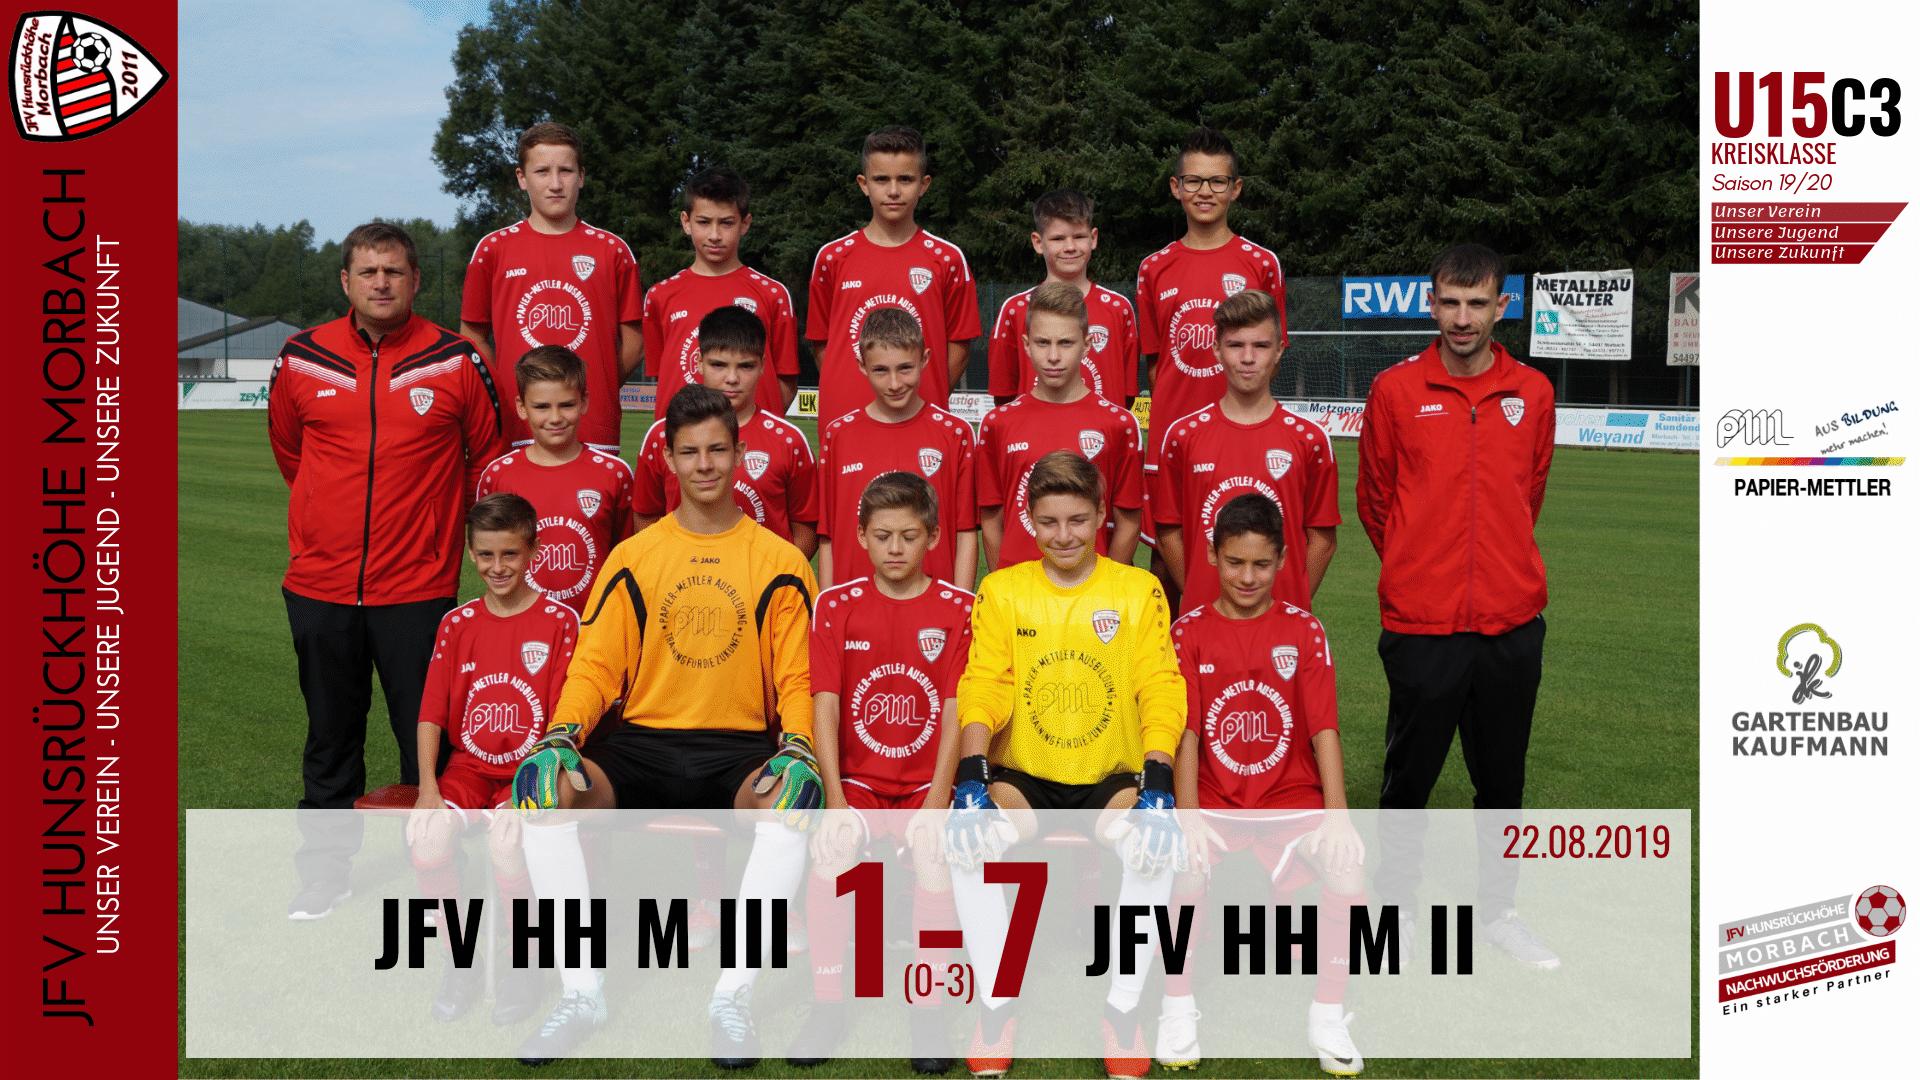 U15 C3: JFV Hunsrückhöhe Morbach III – JFV Hunsrückhöhe Morbach II 1-7 (0-3)